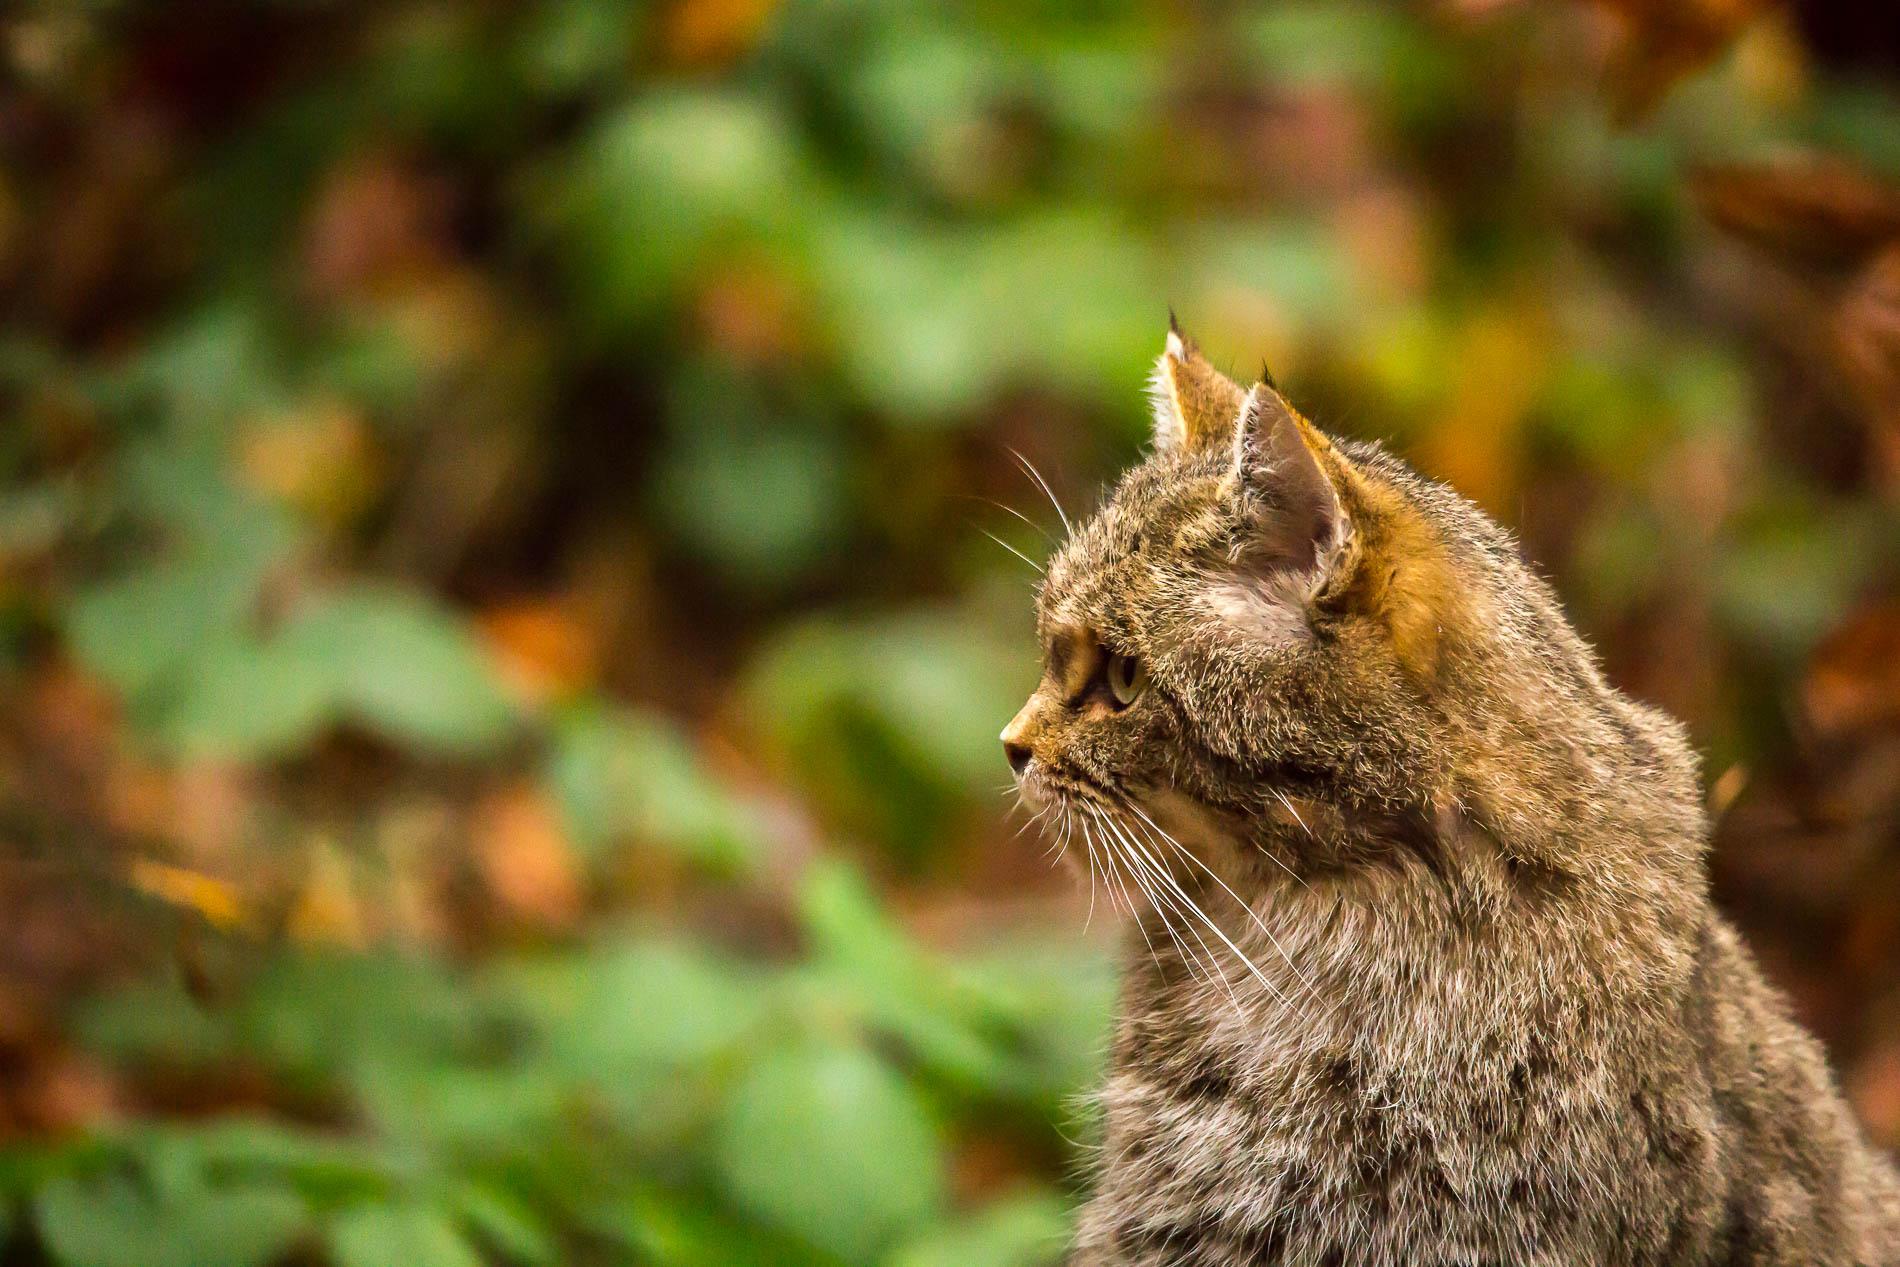 Wild cat - Bayerischer Wald - Germany